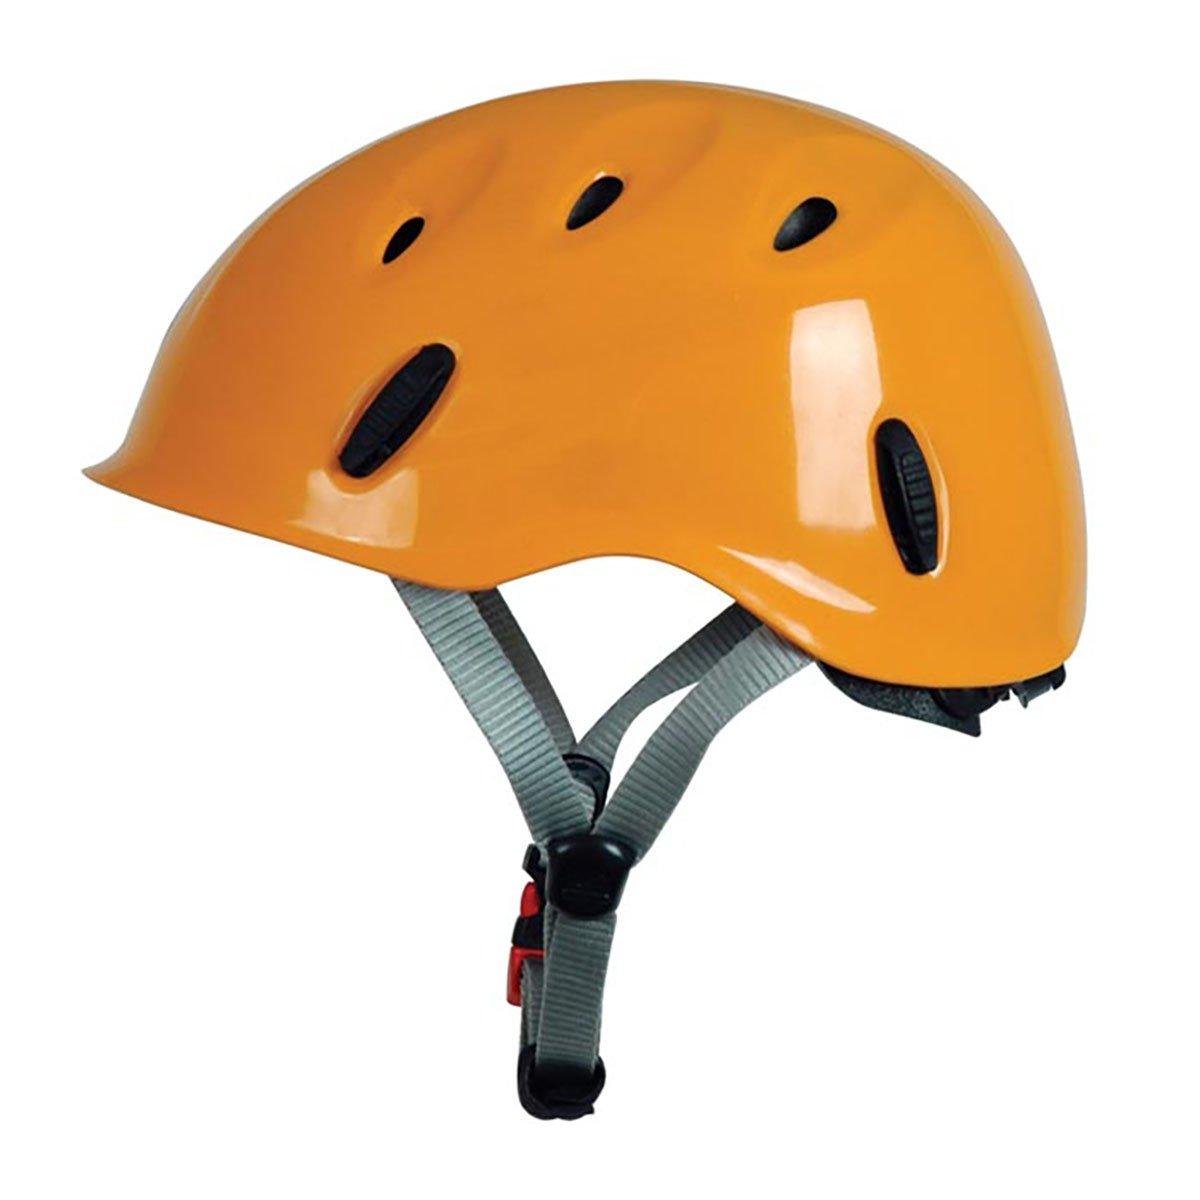 【現金特価】 コンビヘルメット Orange B002J91STC Orange Orange B002J91STC Orange, フェレットワールド:7569d5c8 --- a0267596.xsph.ru